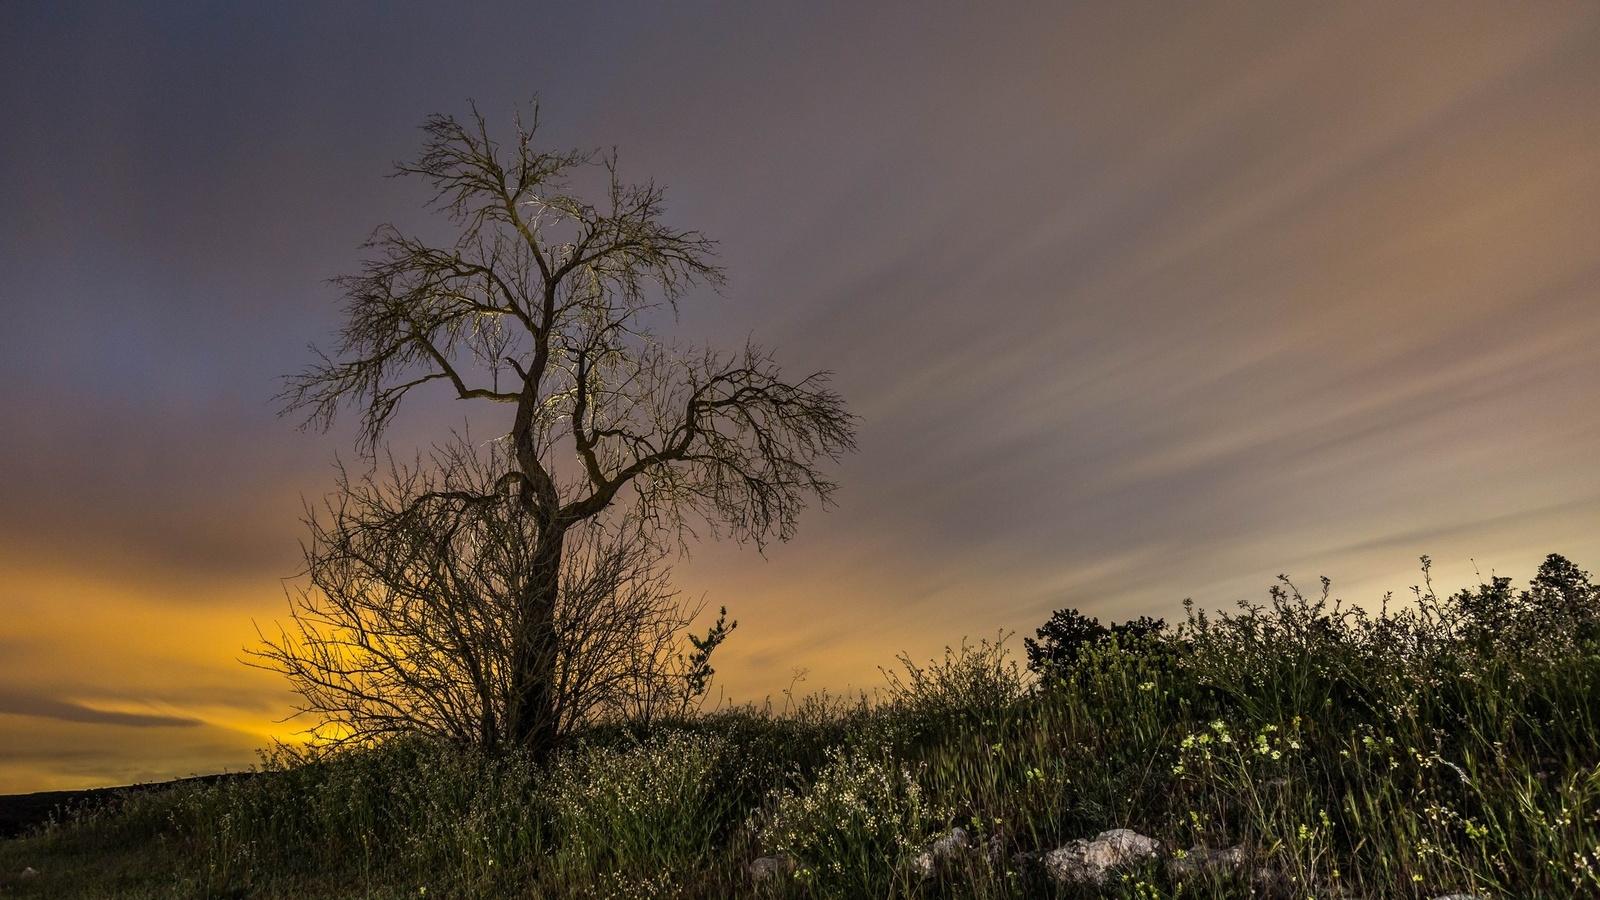 небо, дерево, свет